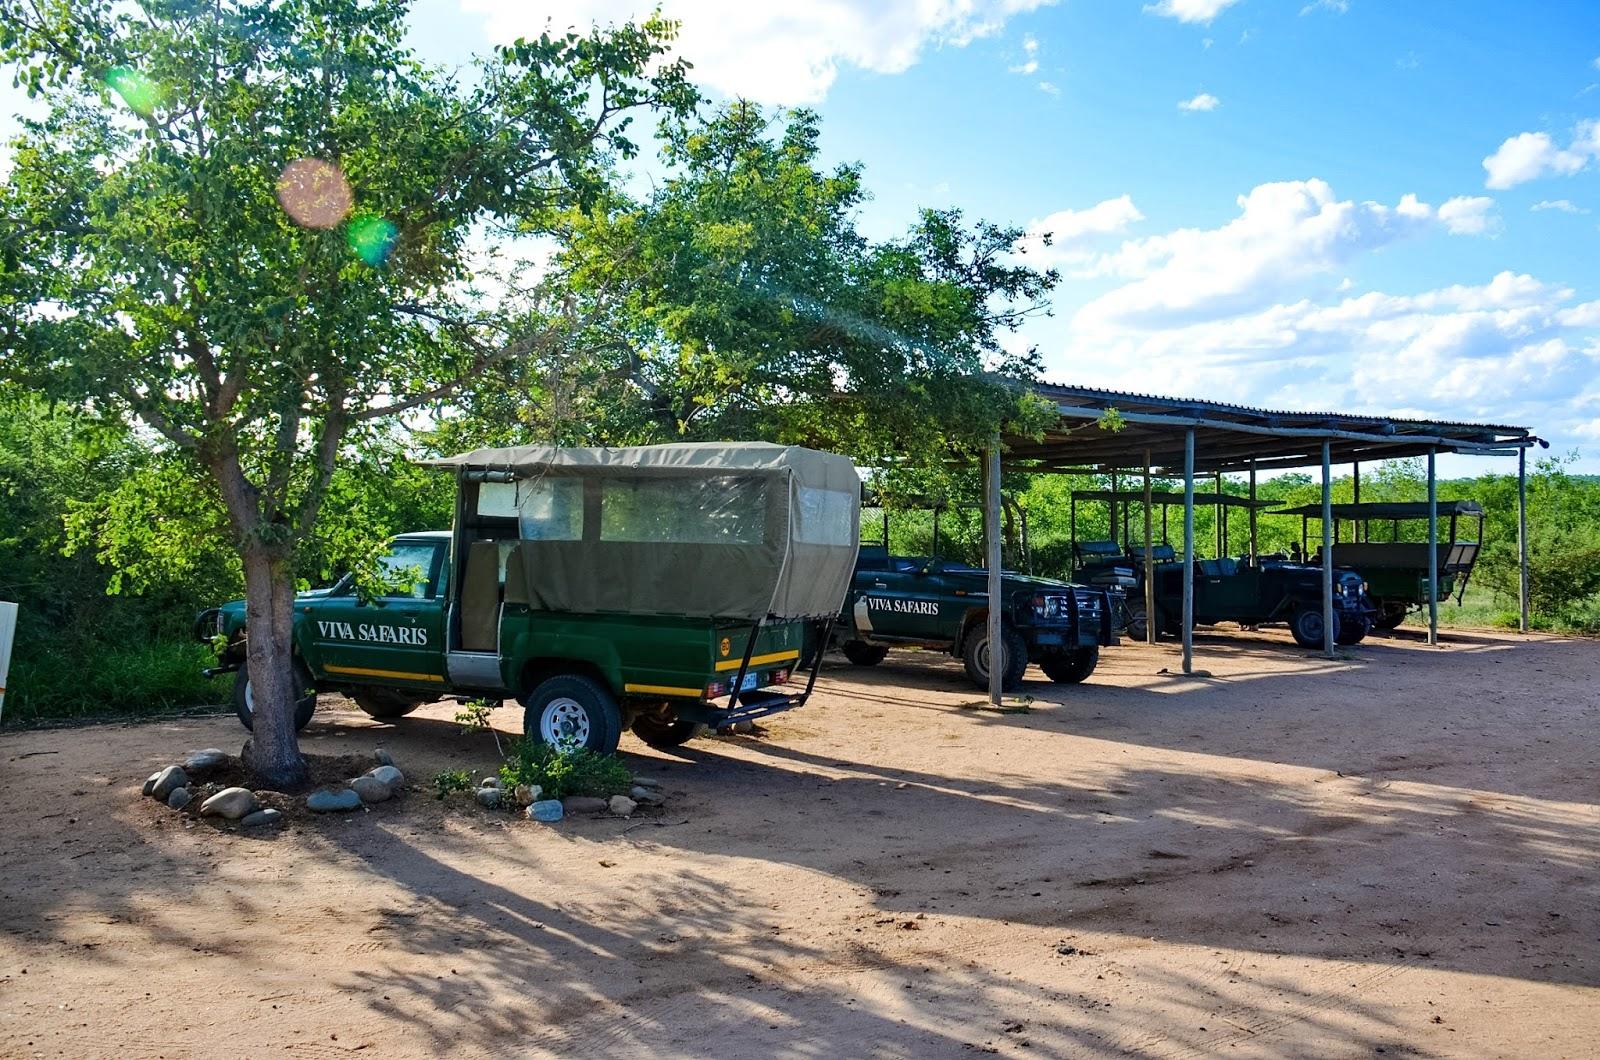 viva safaris in kruger national park